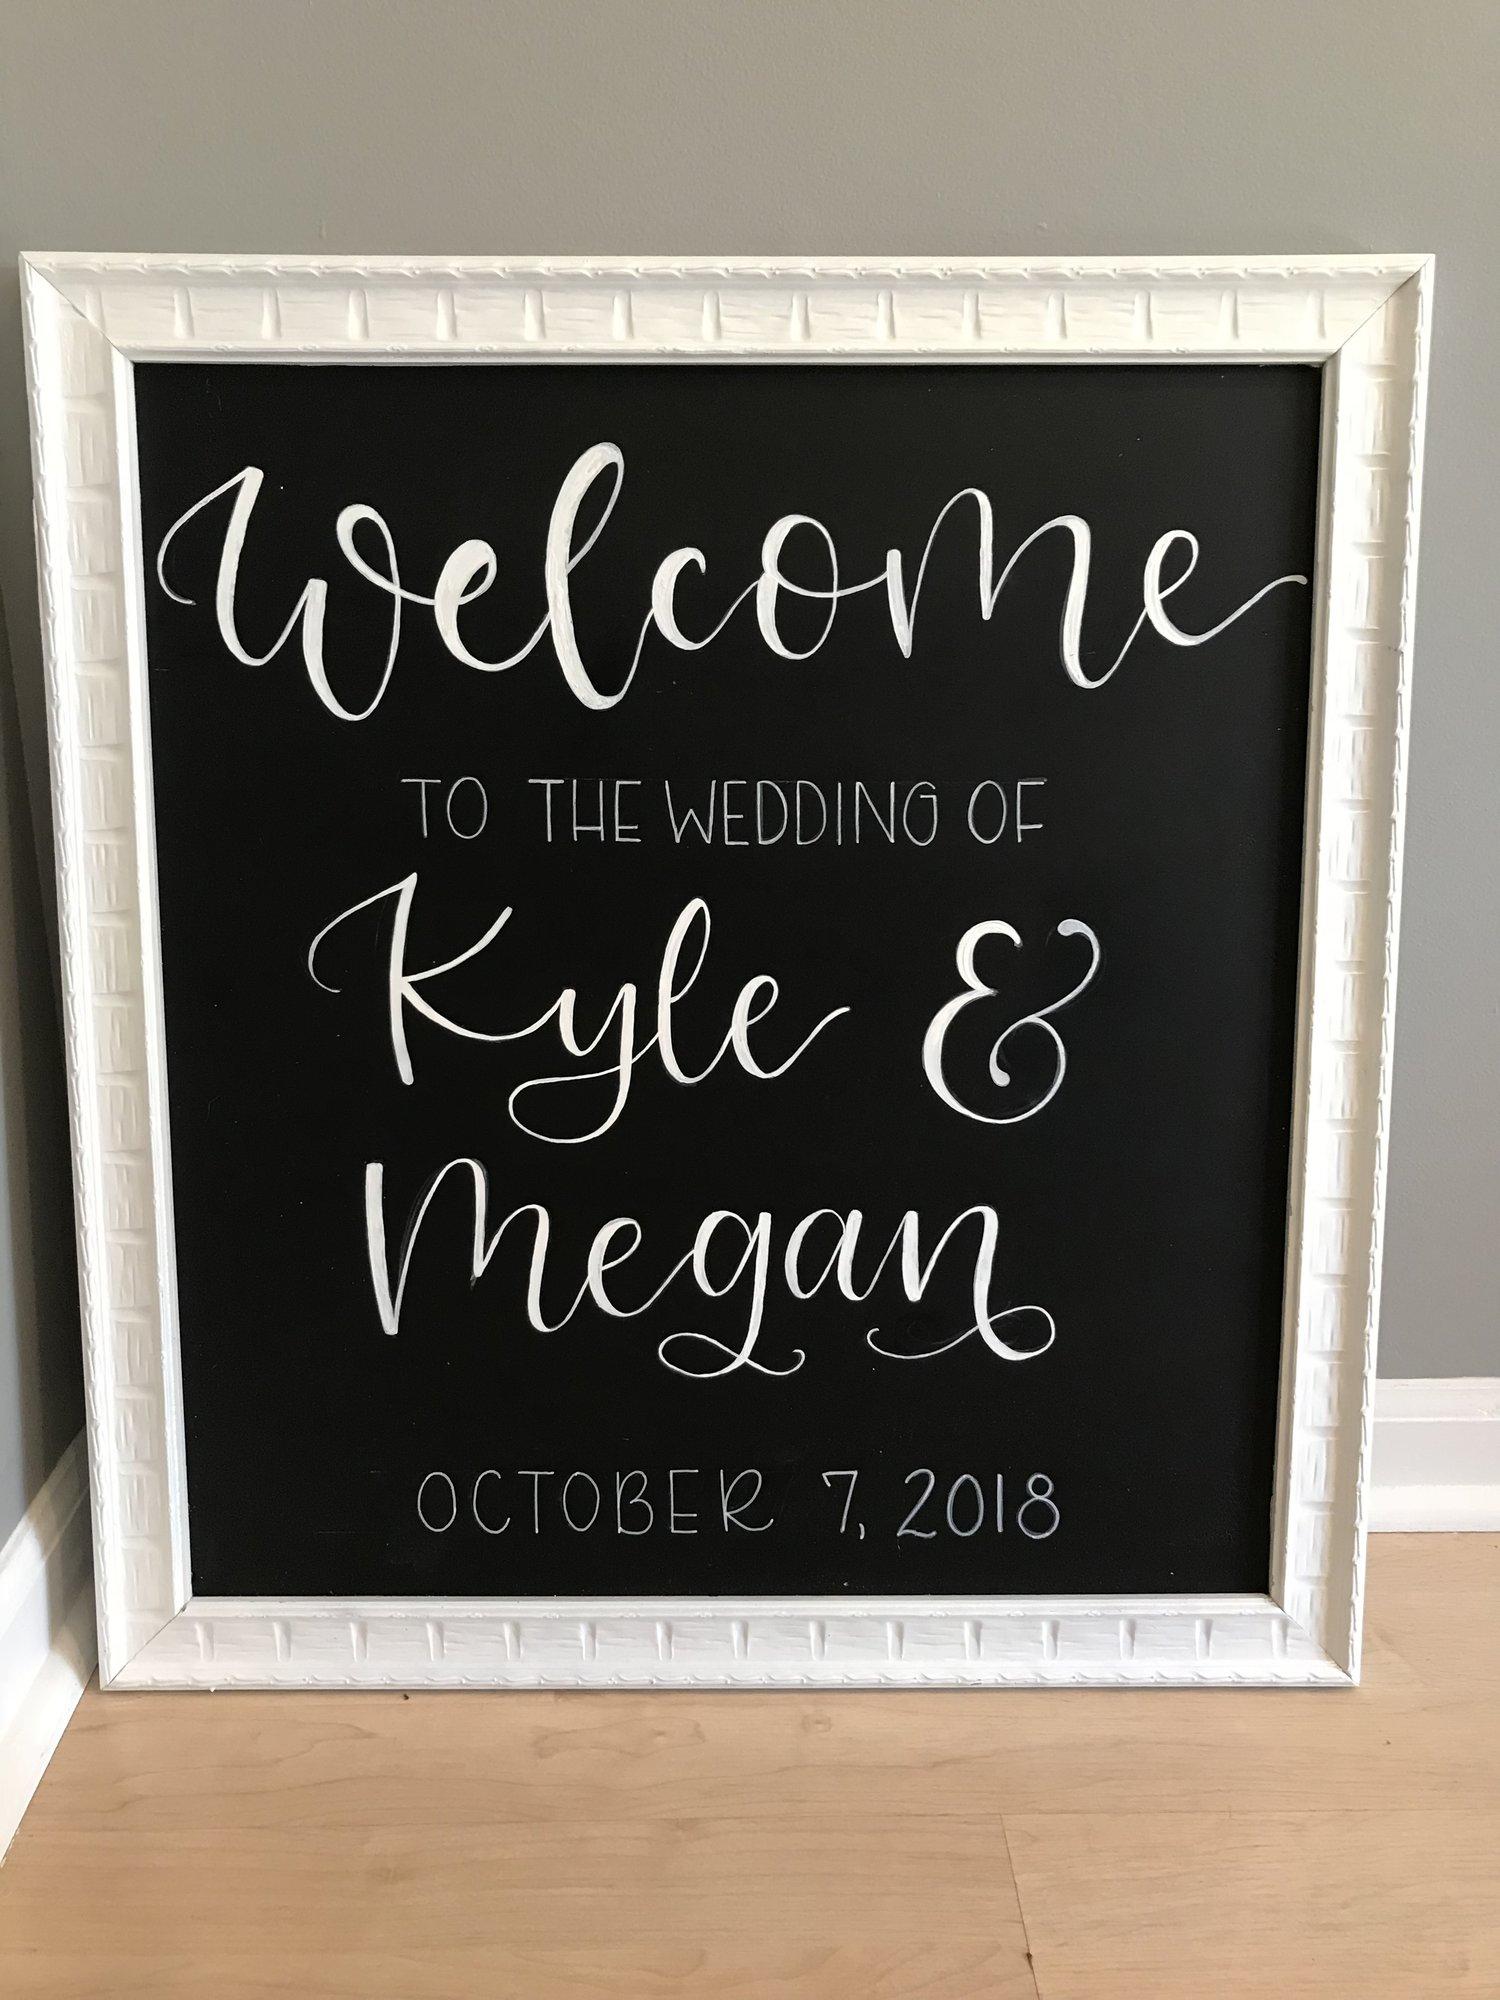 Calligraphy welcome wedding sign.jpeg